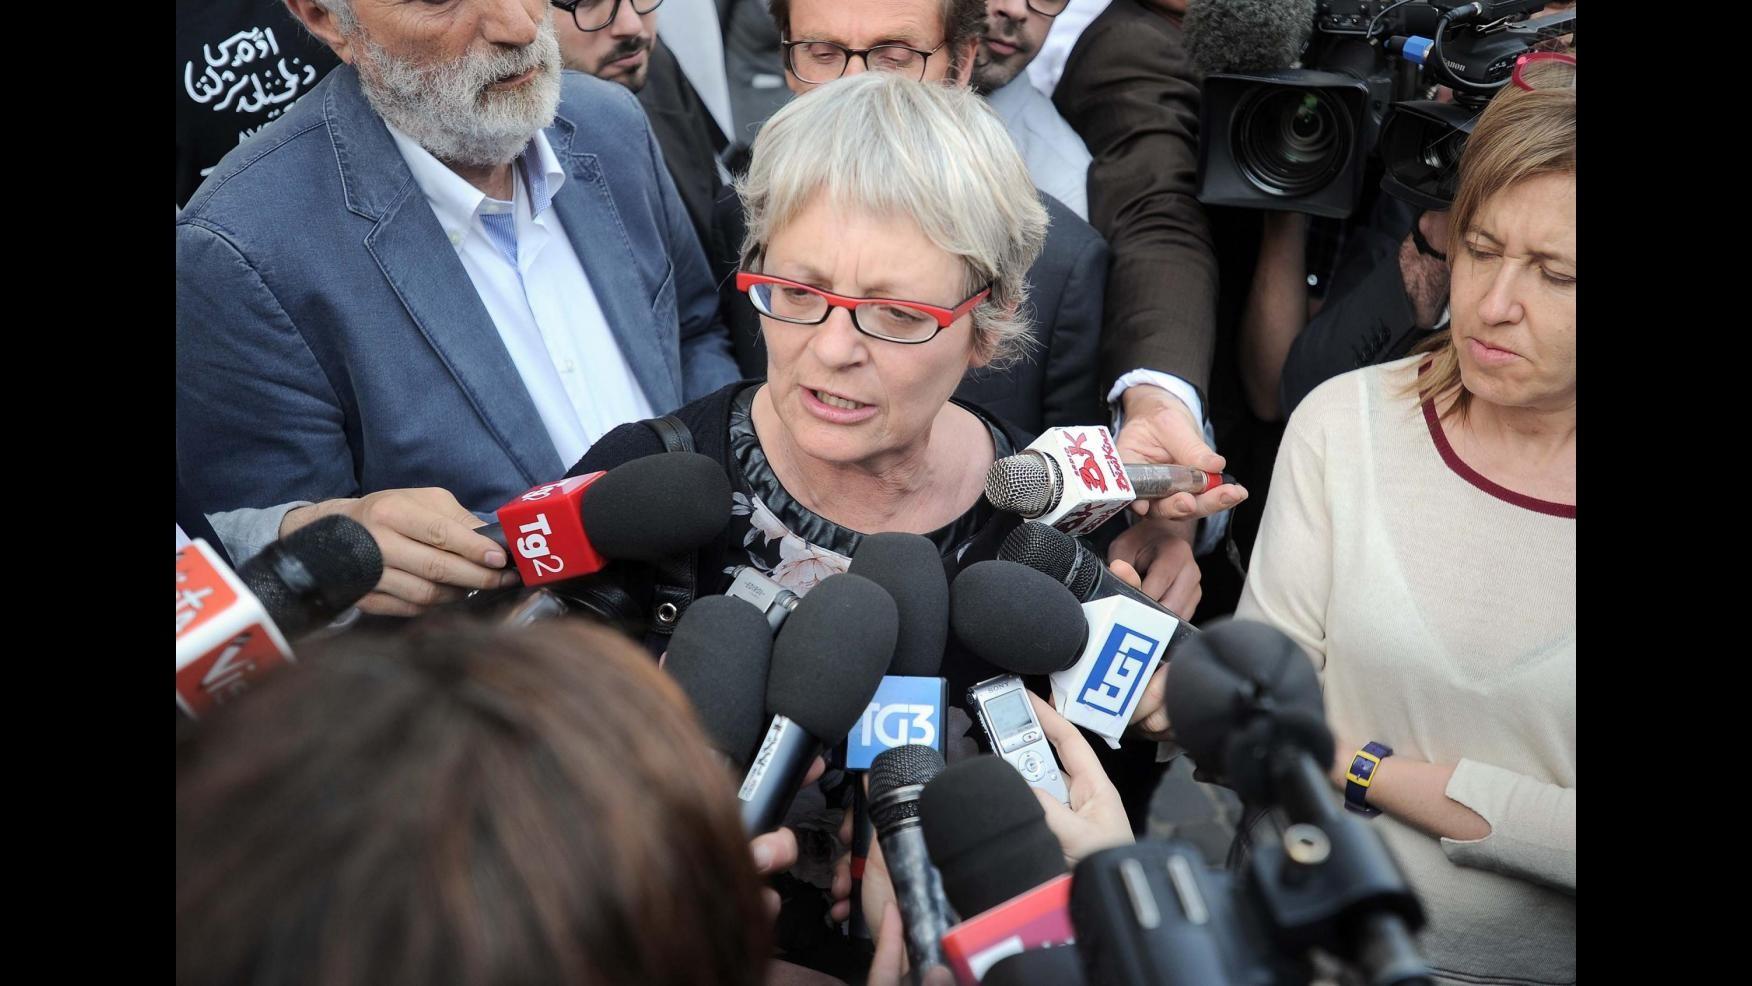 Regionali, Furlan (Cisl) : Serve un patto sociale, il Governo apra al dialogo